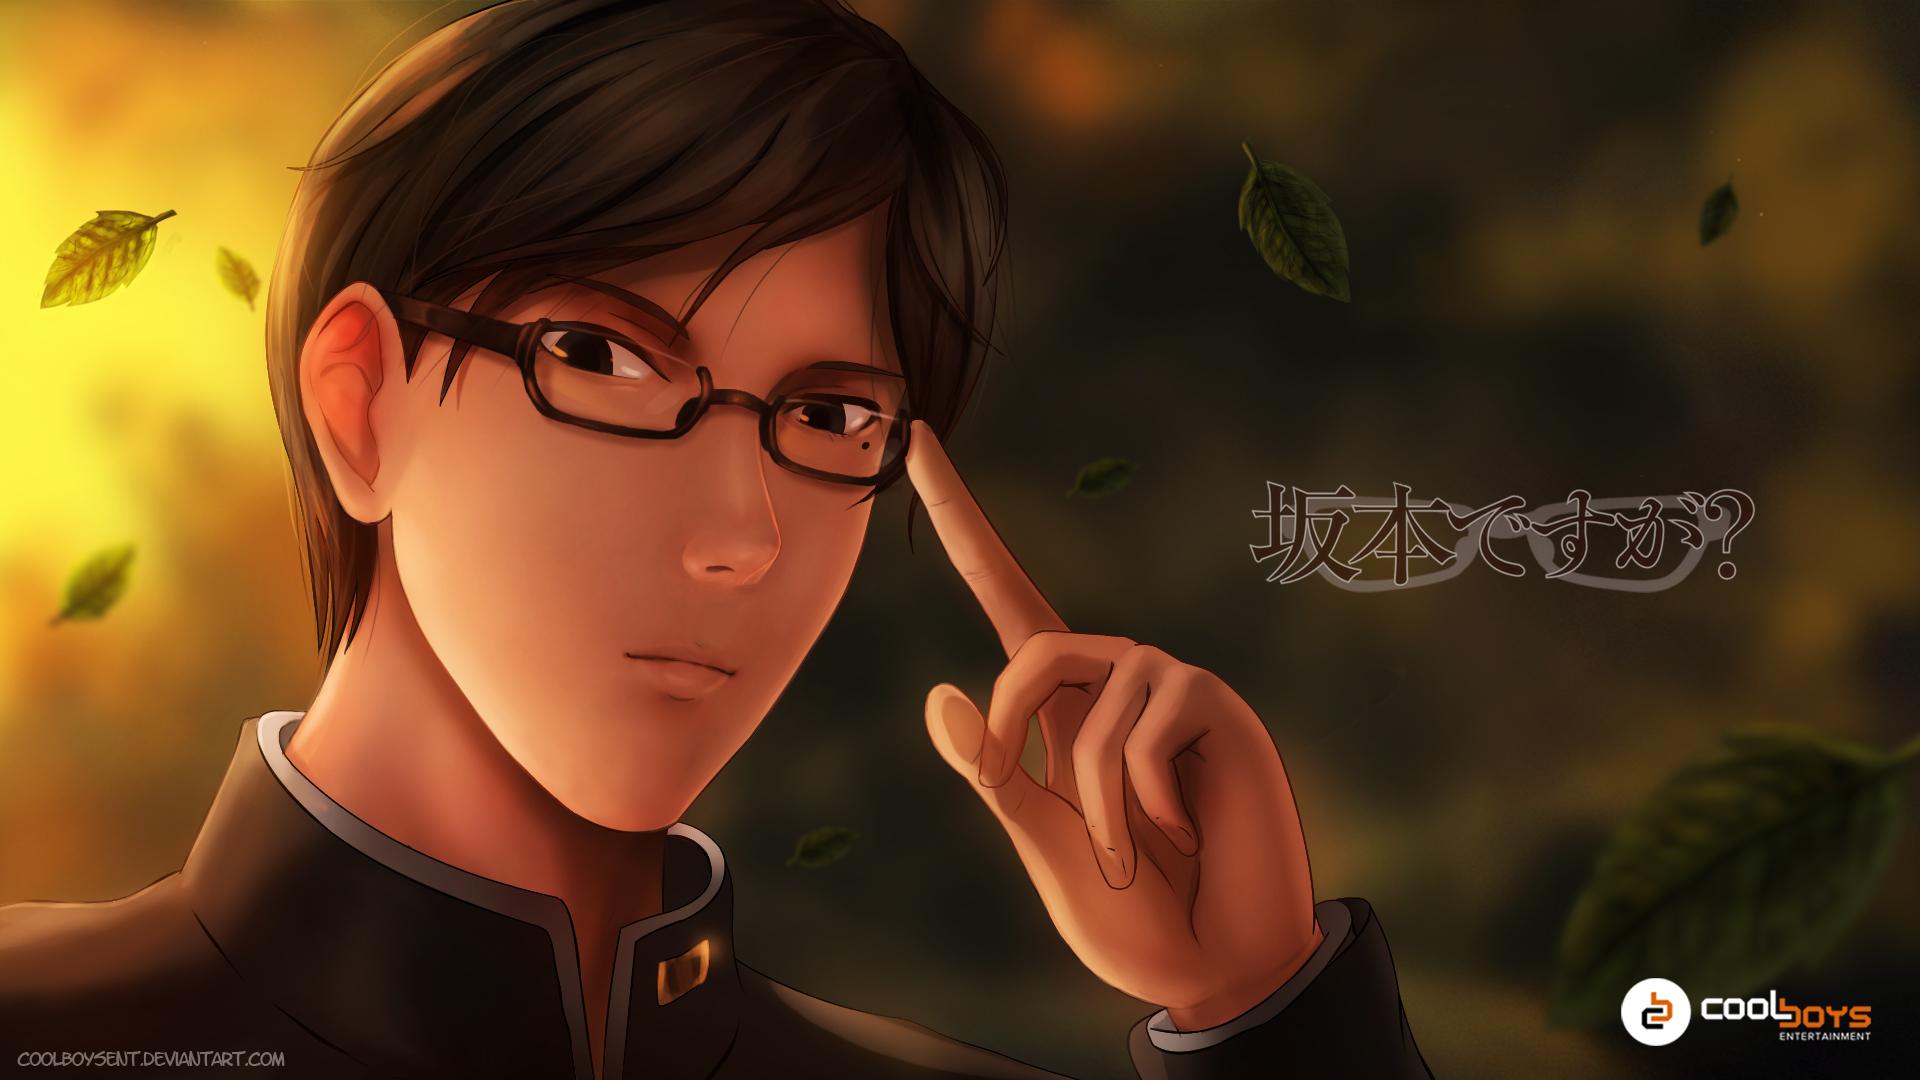 sakamoto desu ga fan art [with drawing video link]